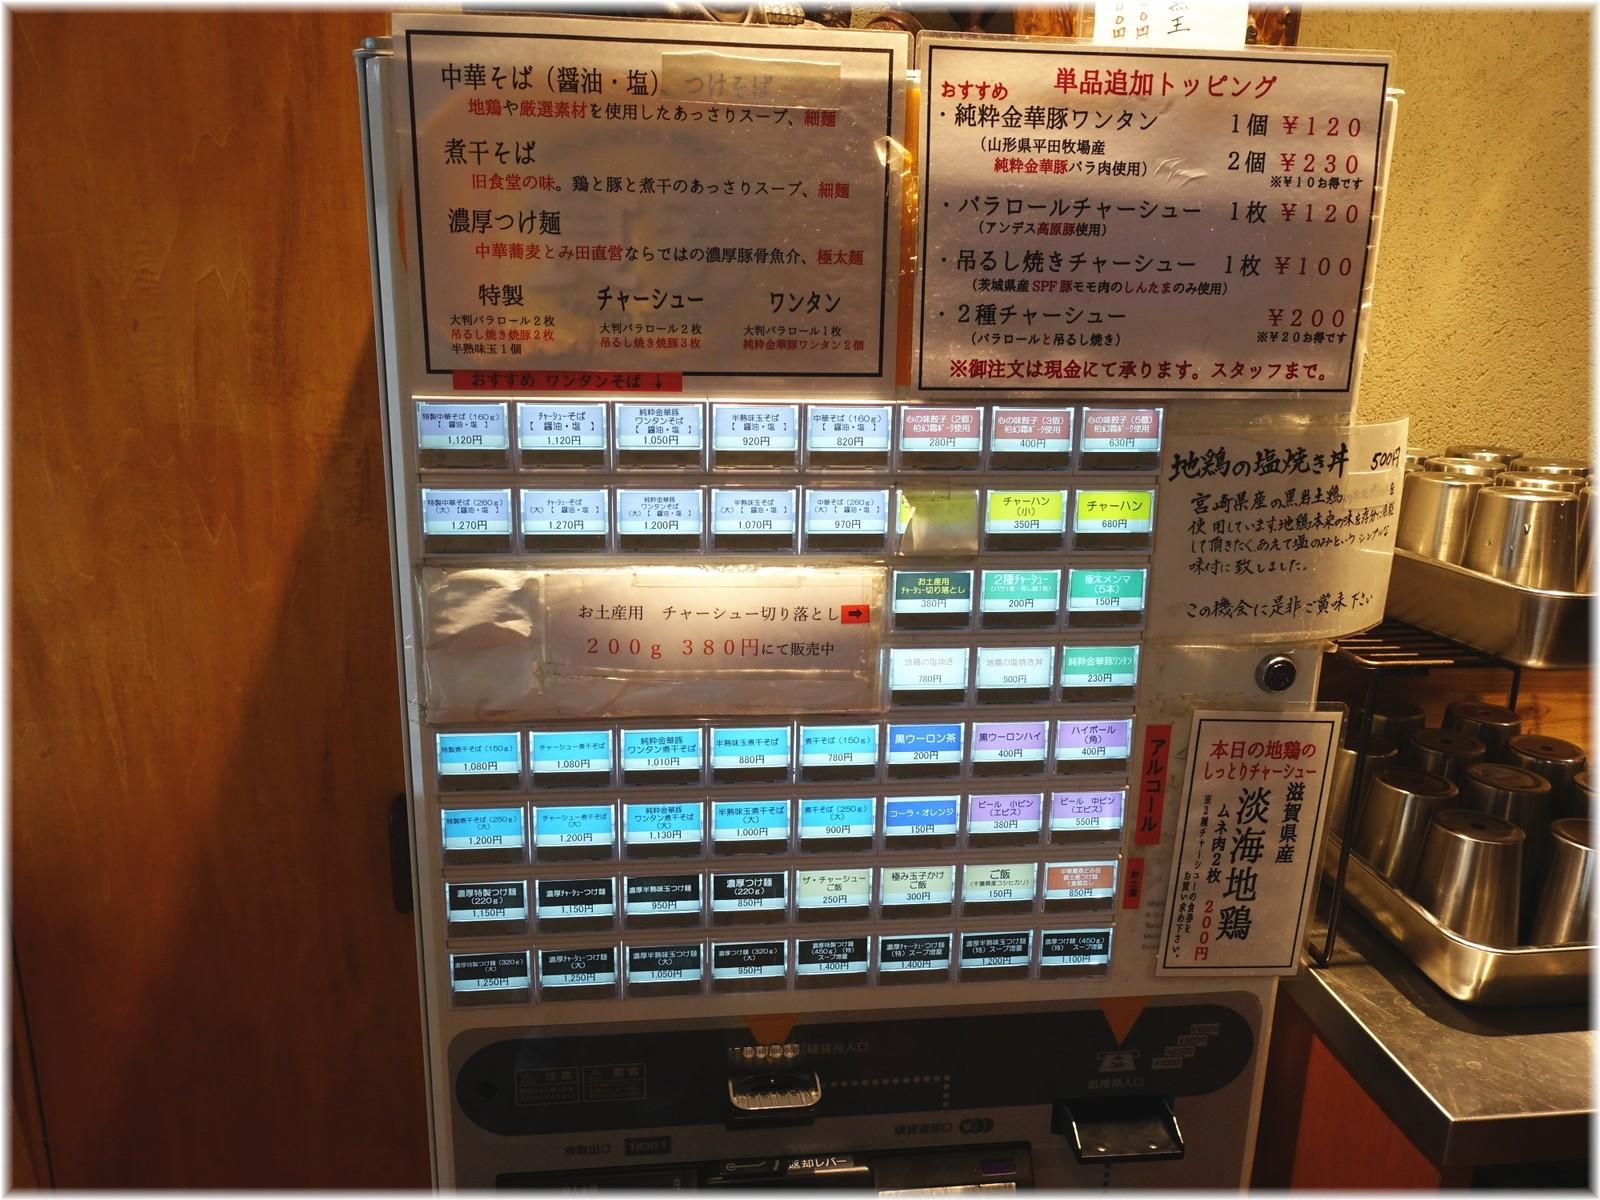 富田食堂 食券機